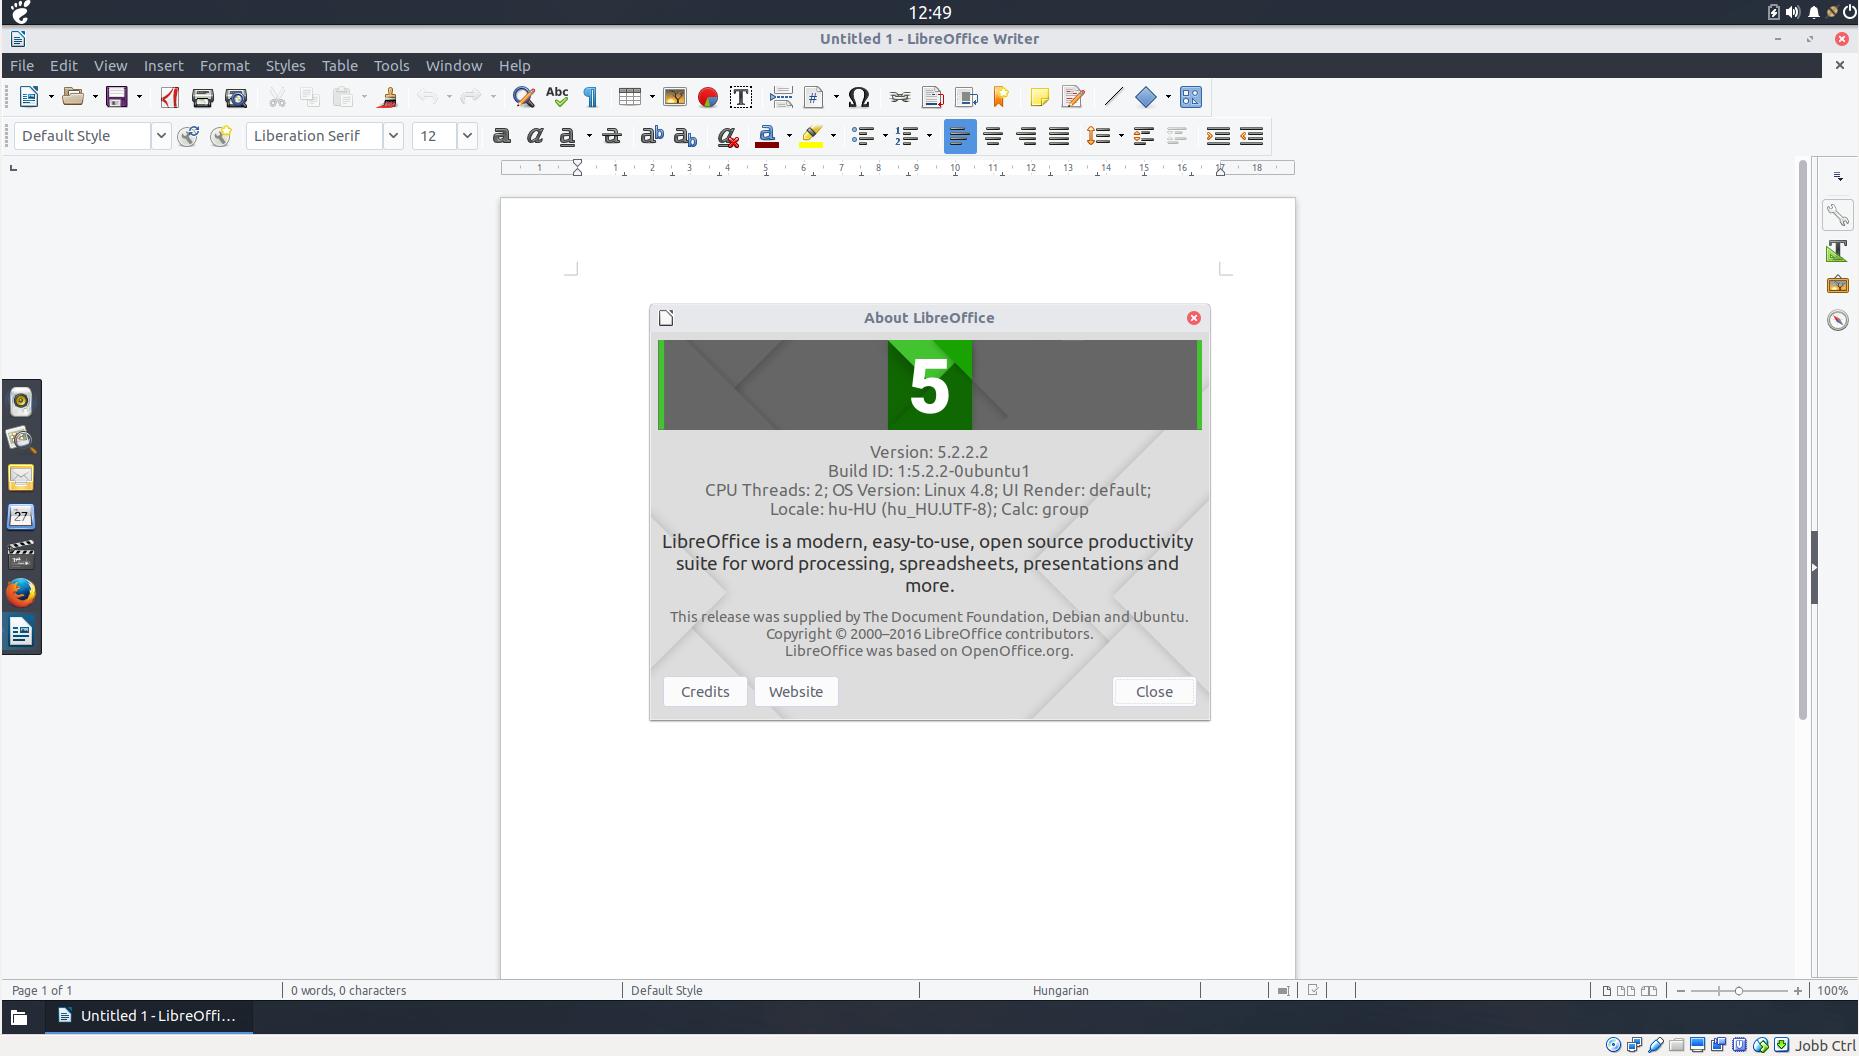 LibreOffice 5.2.2.2